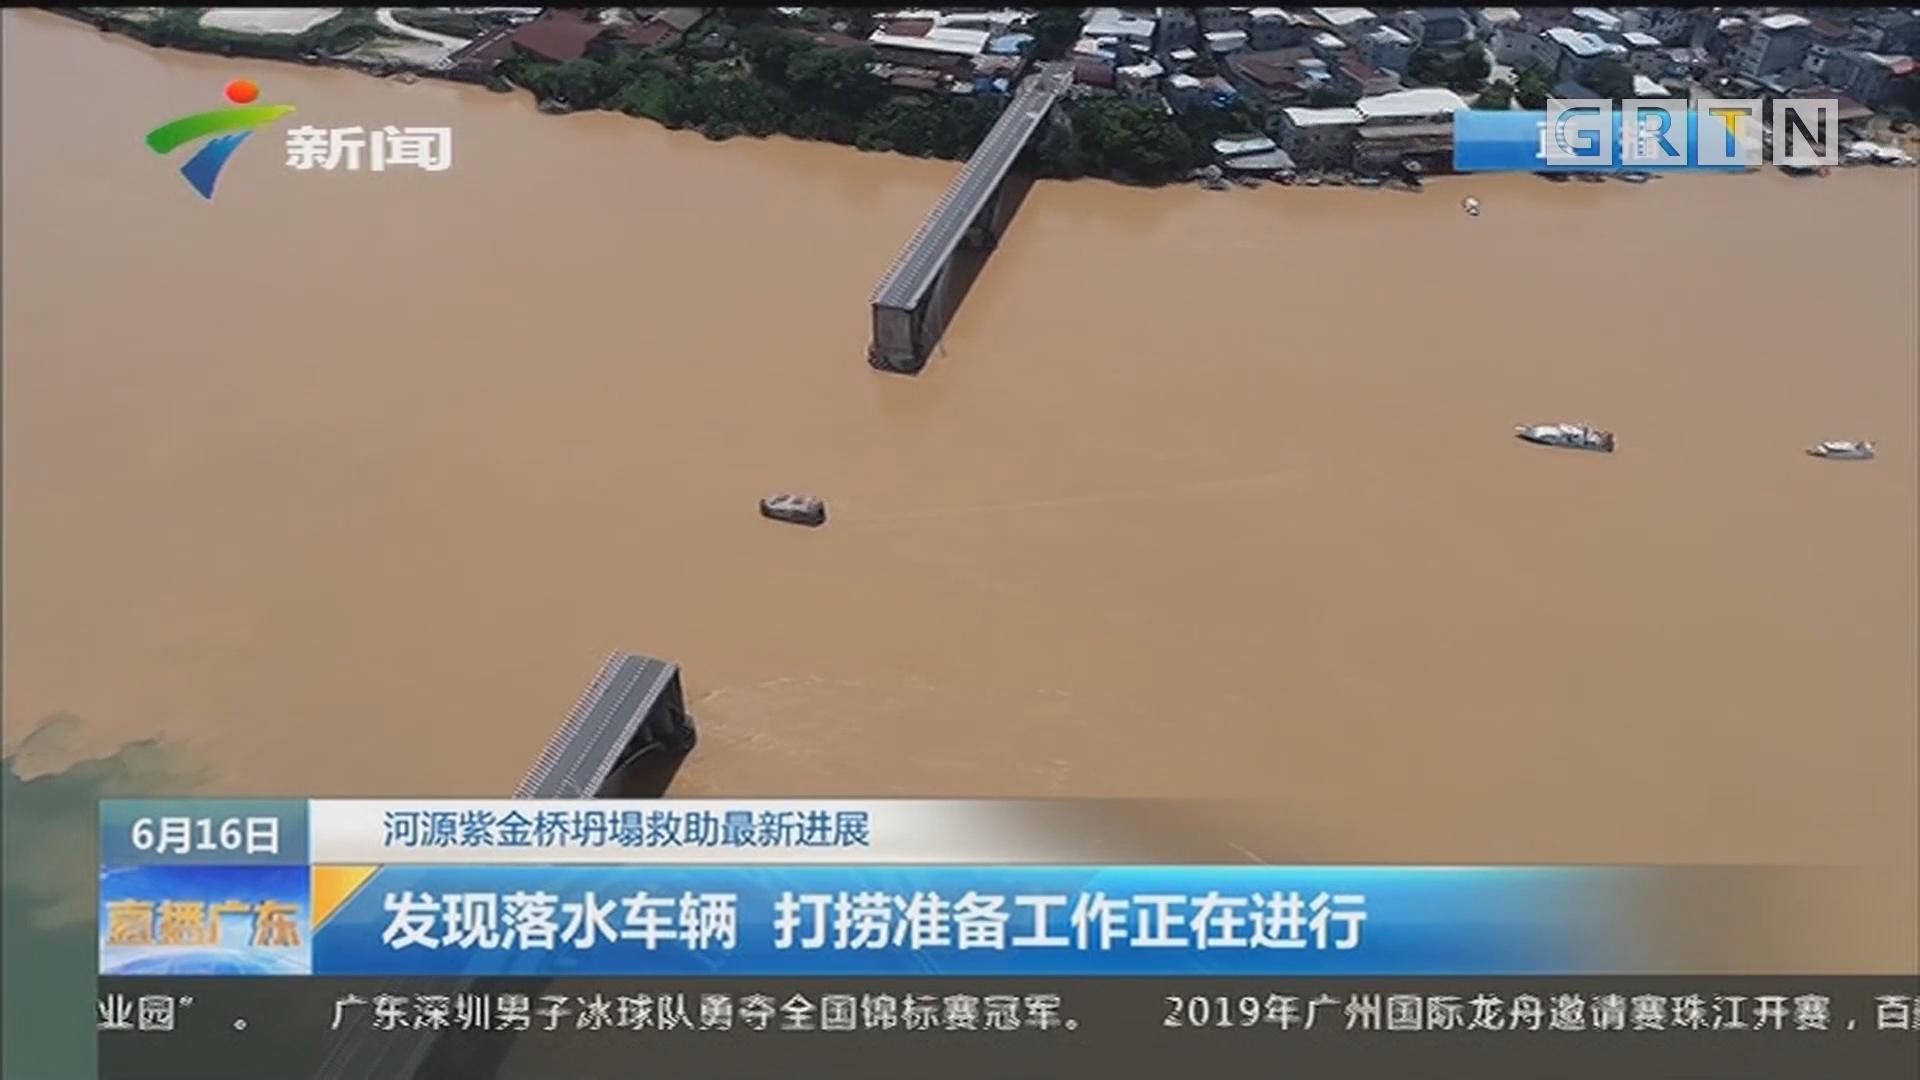 河源紫金桥坍塌救助最新进展:发现落水车辆 打捞准备工作正在进行